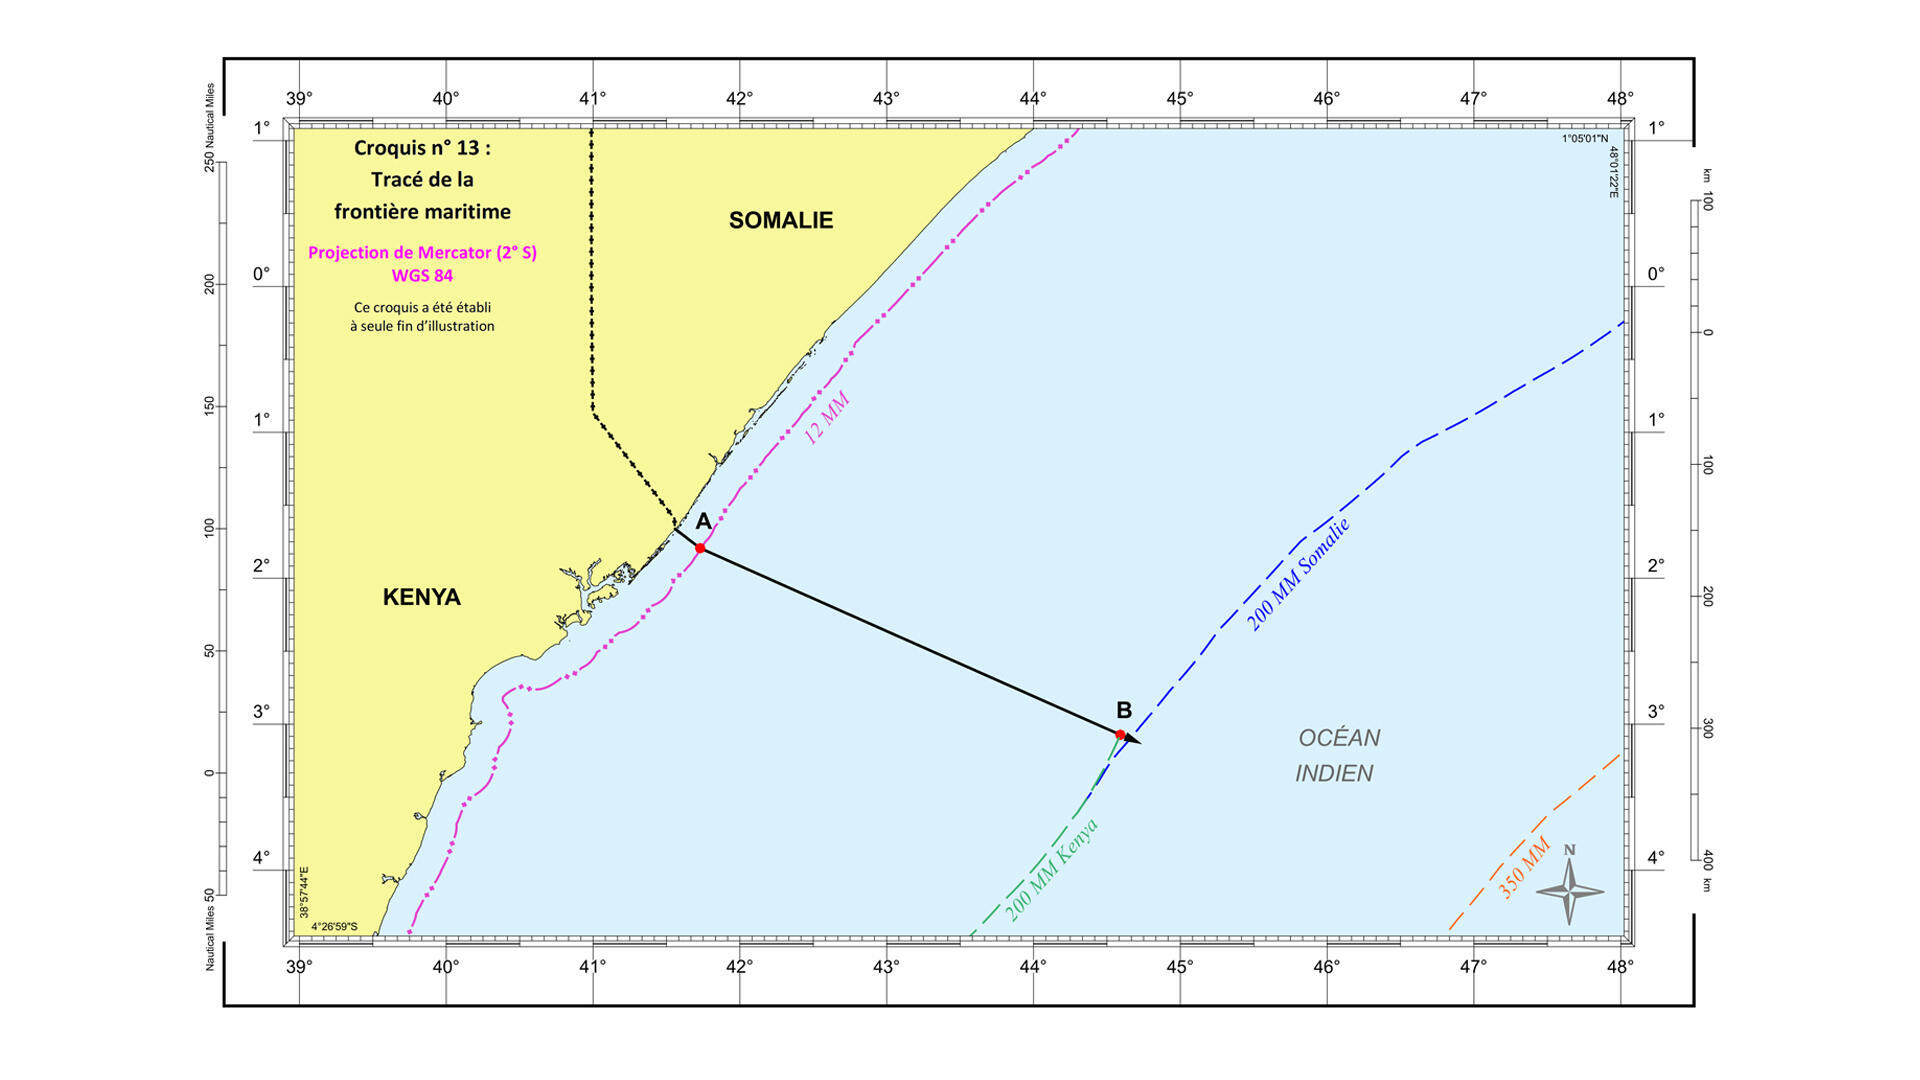 Somalie - Kenya - Conflit maritime - Croquis - Tracés - Frontière maritime